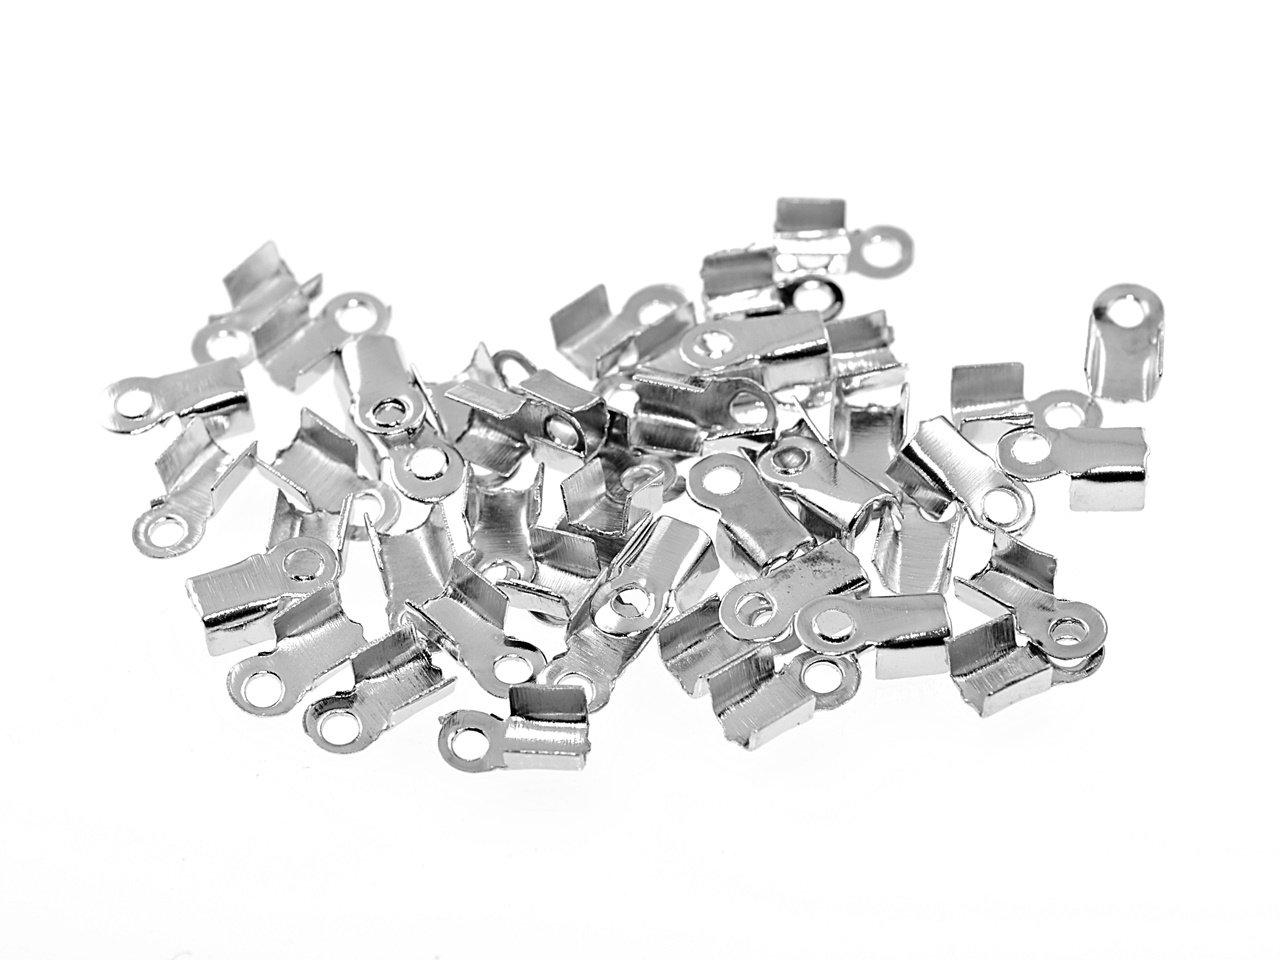 10 Endkappen für 5 mm Bänder in silberfarben platiniert